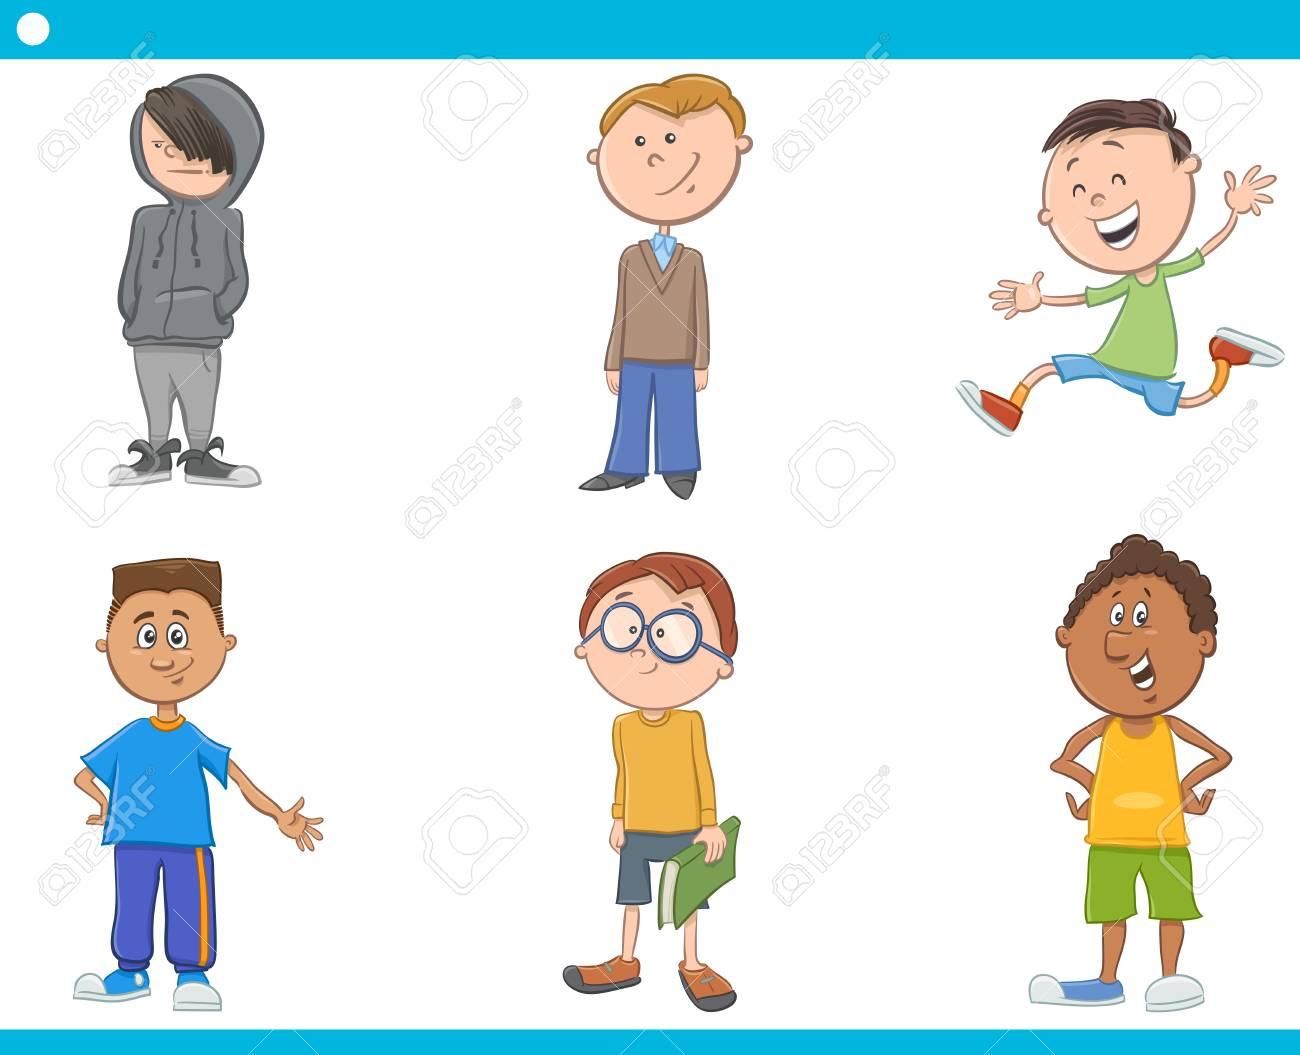 Ilustración De Dibujos Animados De Los Niños De Edad Escolar Niños O